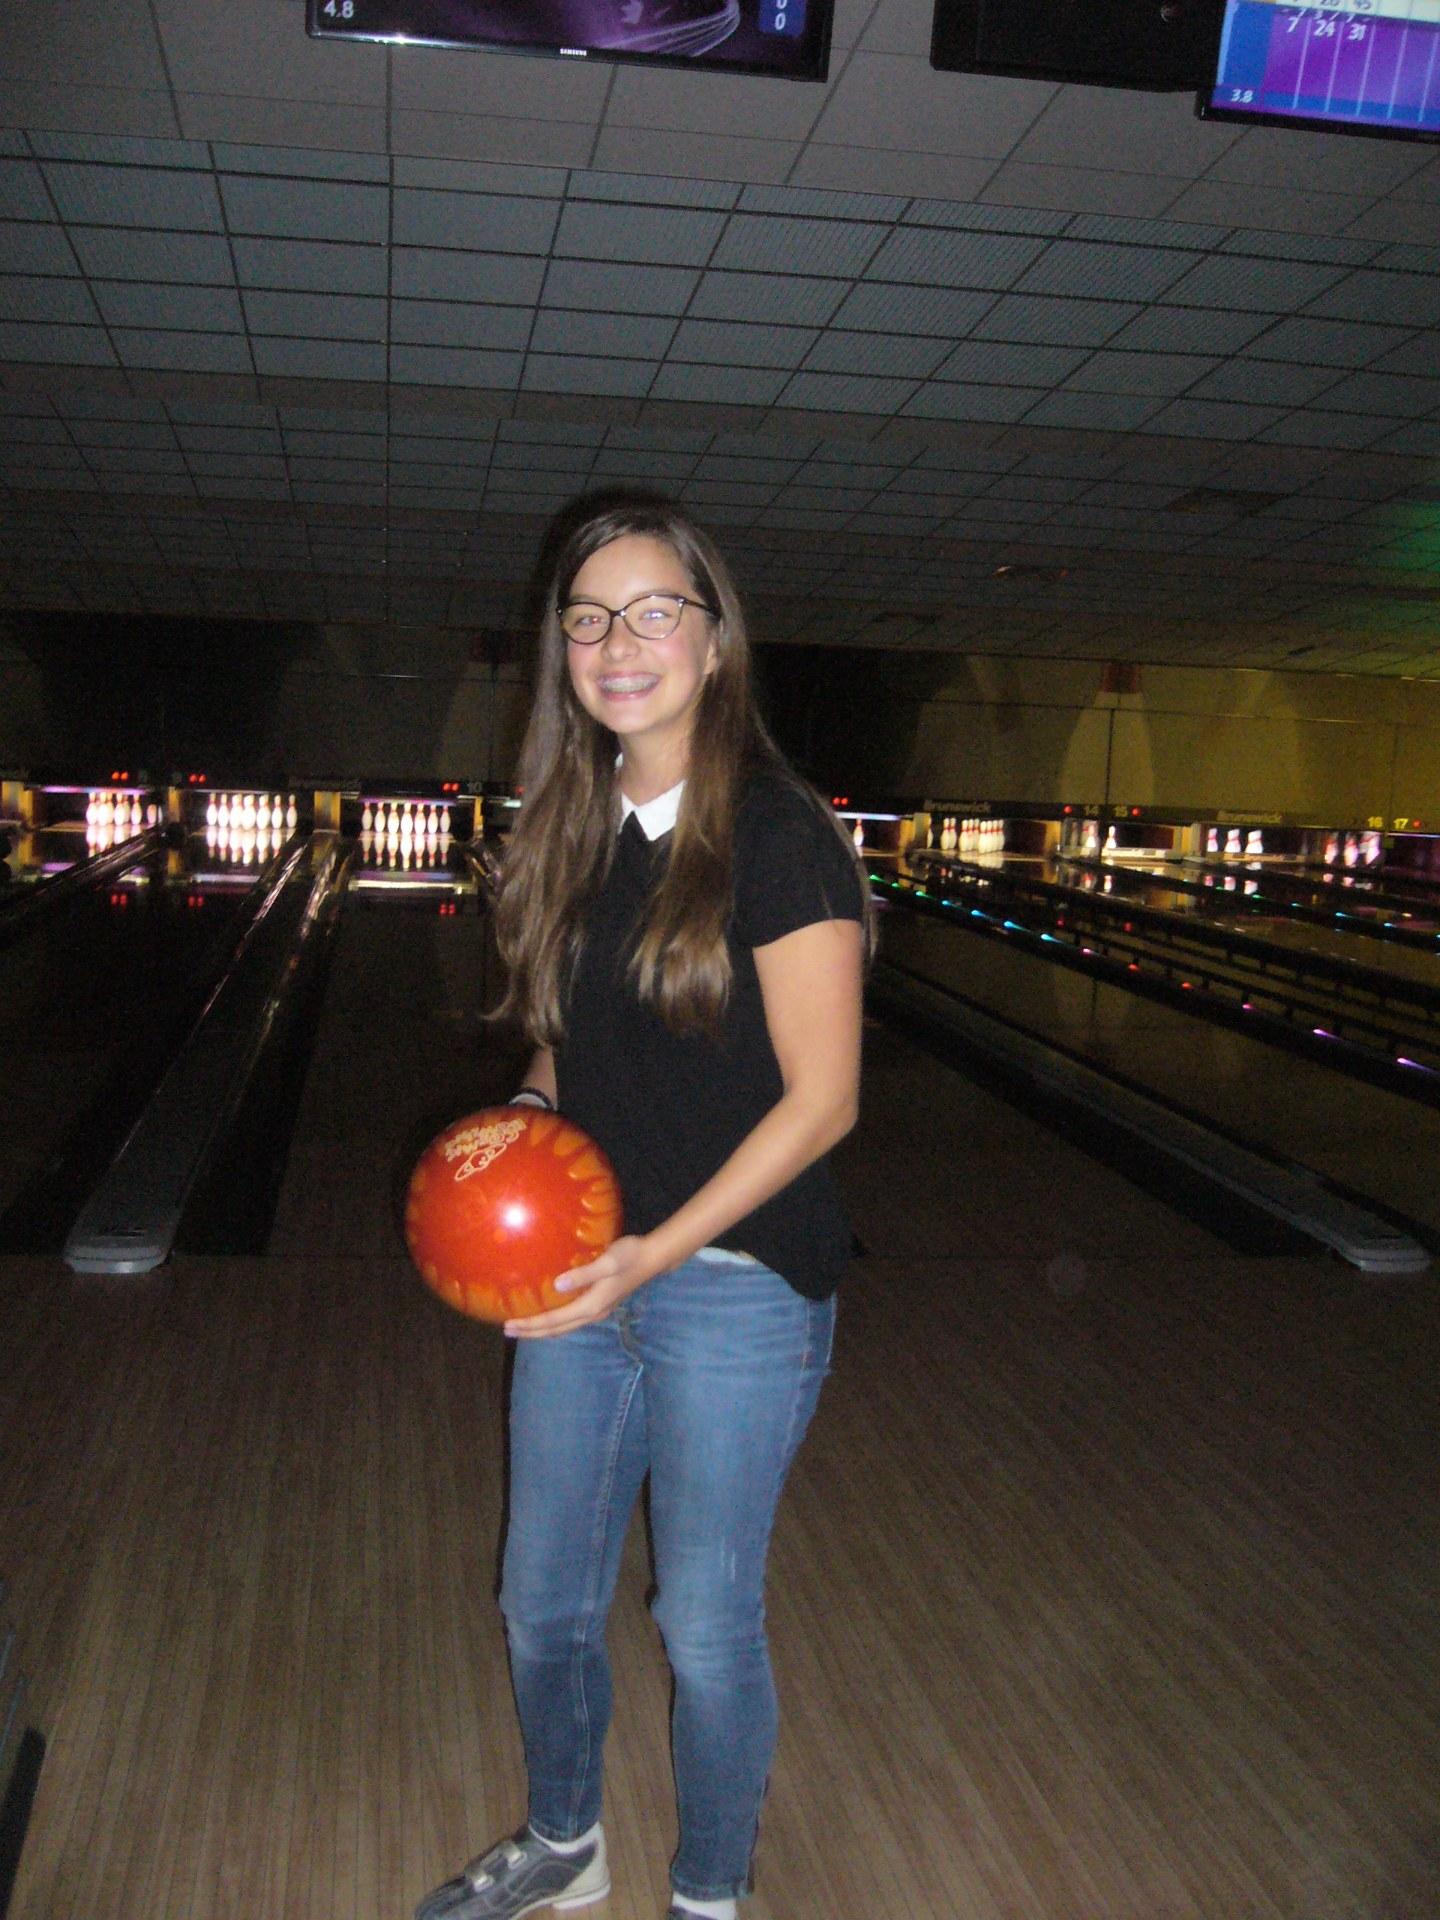 soiree_bowling_5